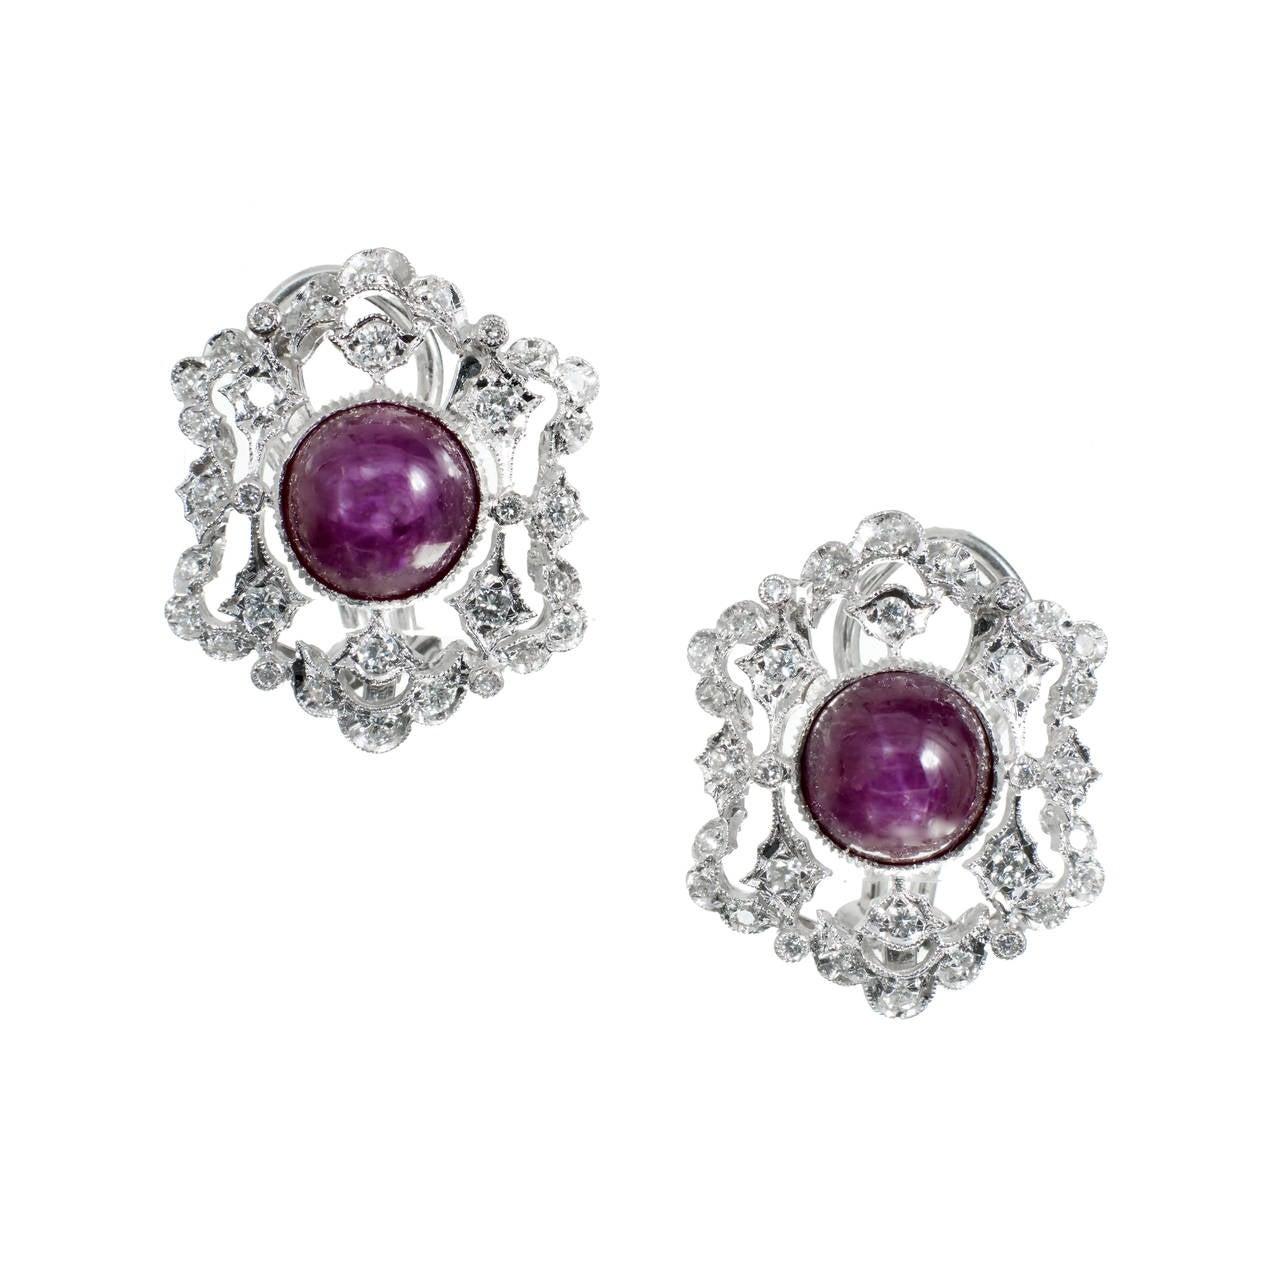 Natural GIA Cert Star Ruby Diamond White Gold Earrings 1